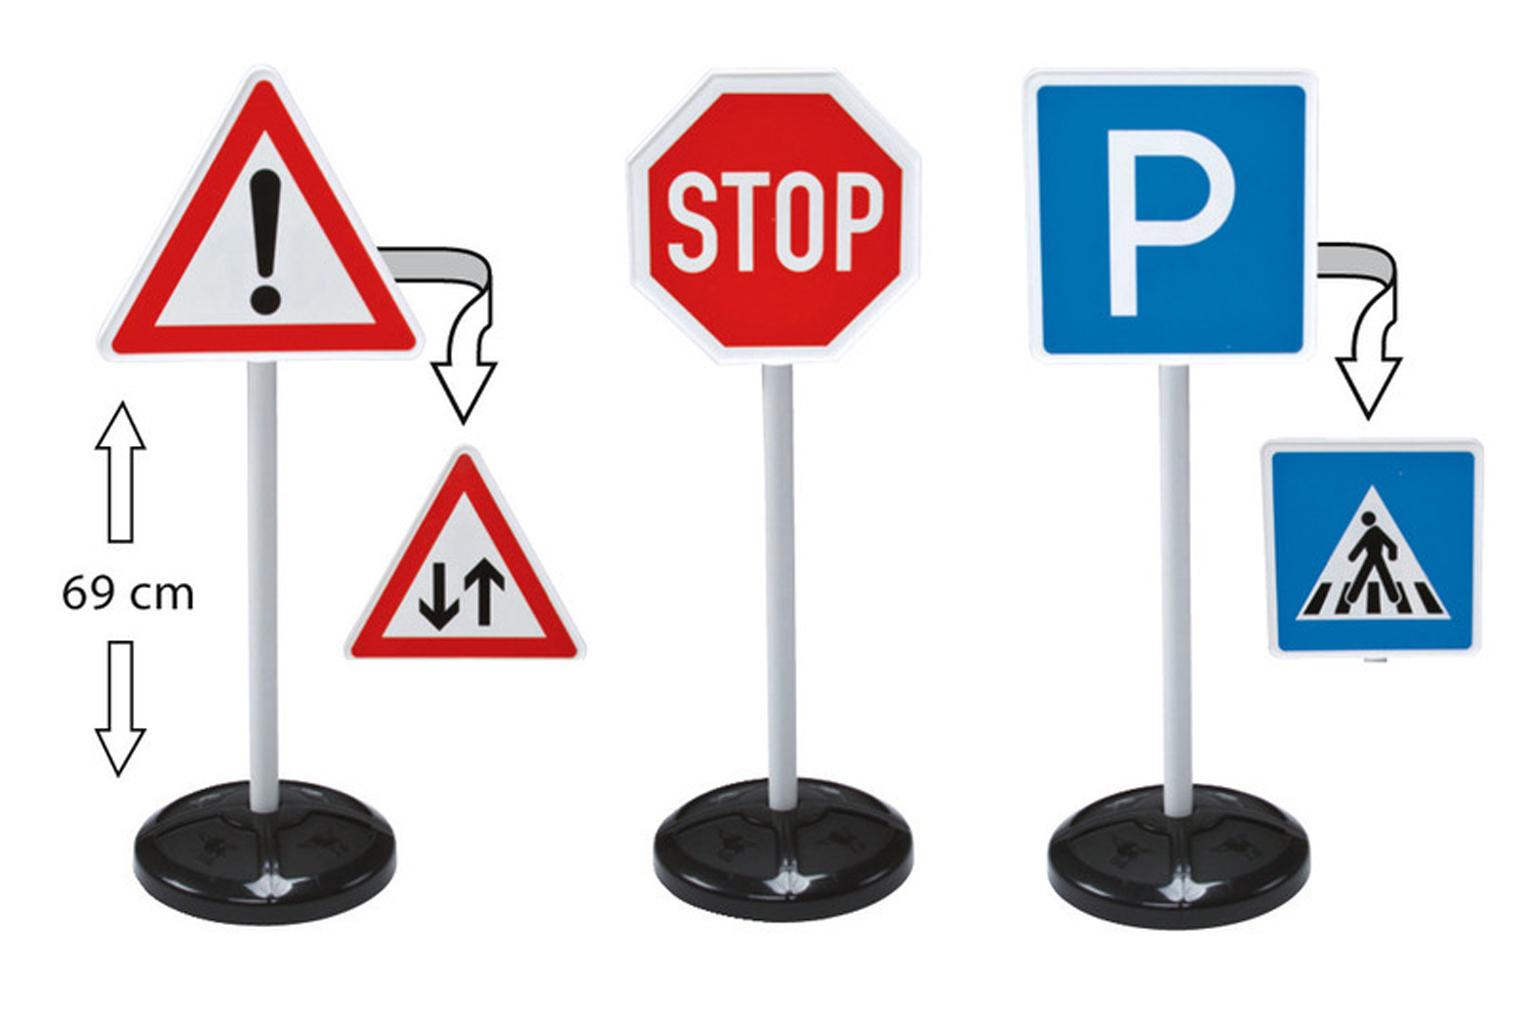 Big-Traffic-Signs - игрушечные дорожные знаки, высота 69 см.Знаки дорожного движения, светофоры<br>С этим набором ребенок не только научится определять основные знаки дорожного движения, но и весело проведет время.<br>Основные знаки: стоп, в...<br>